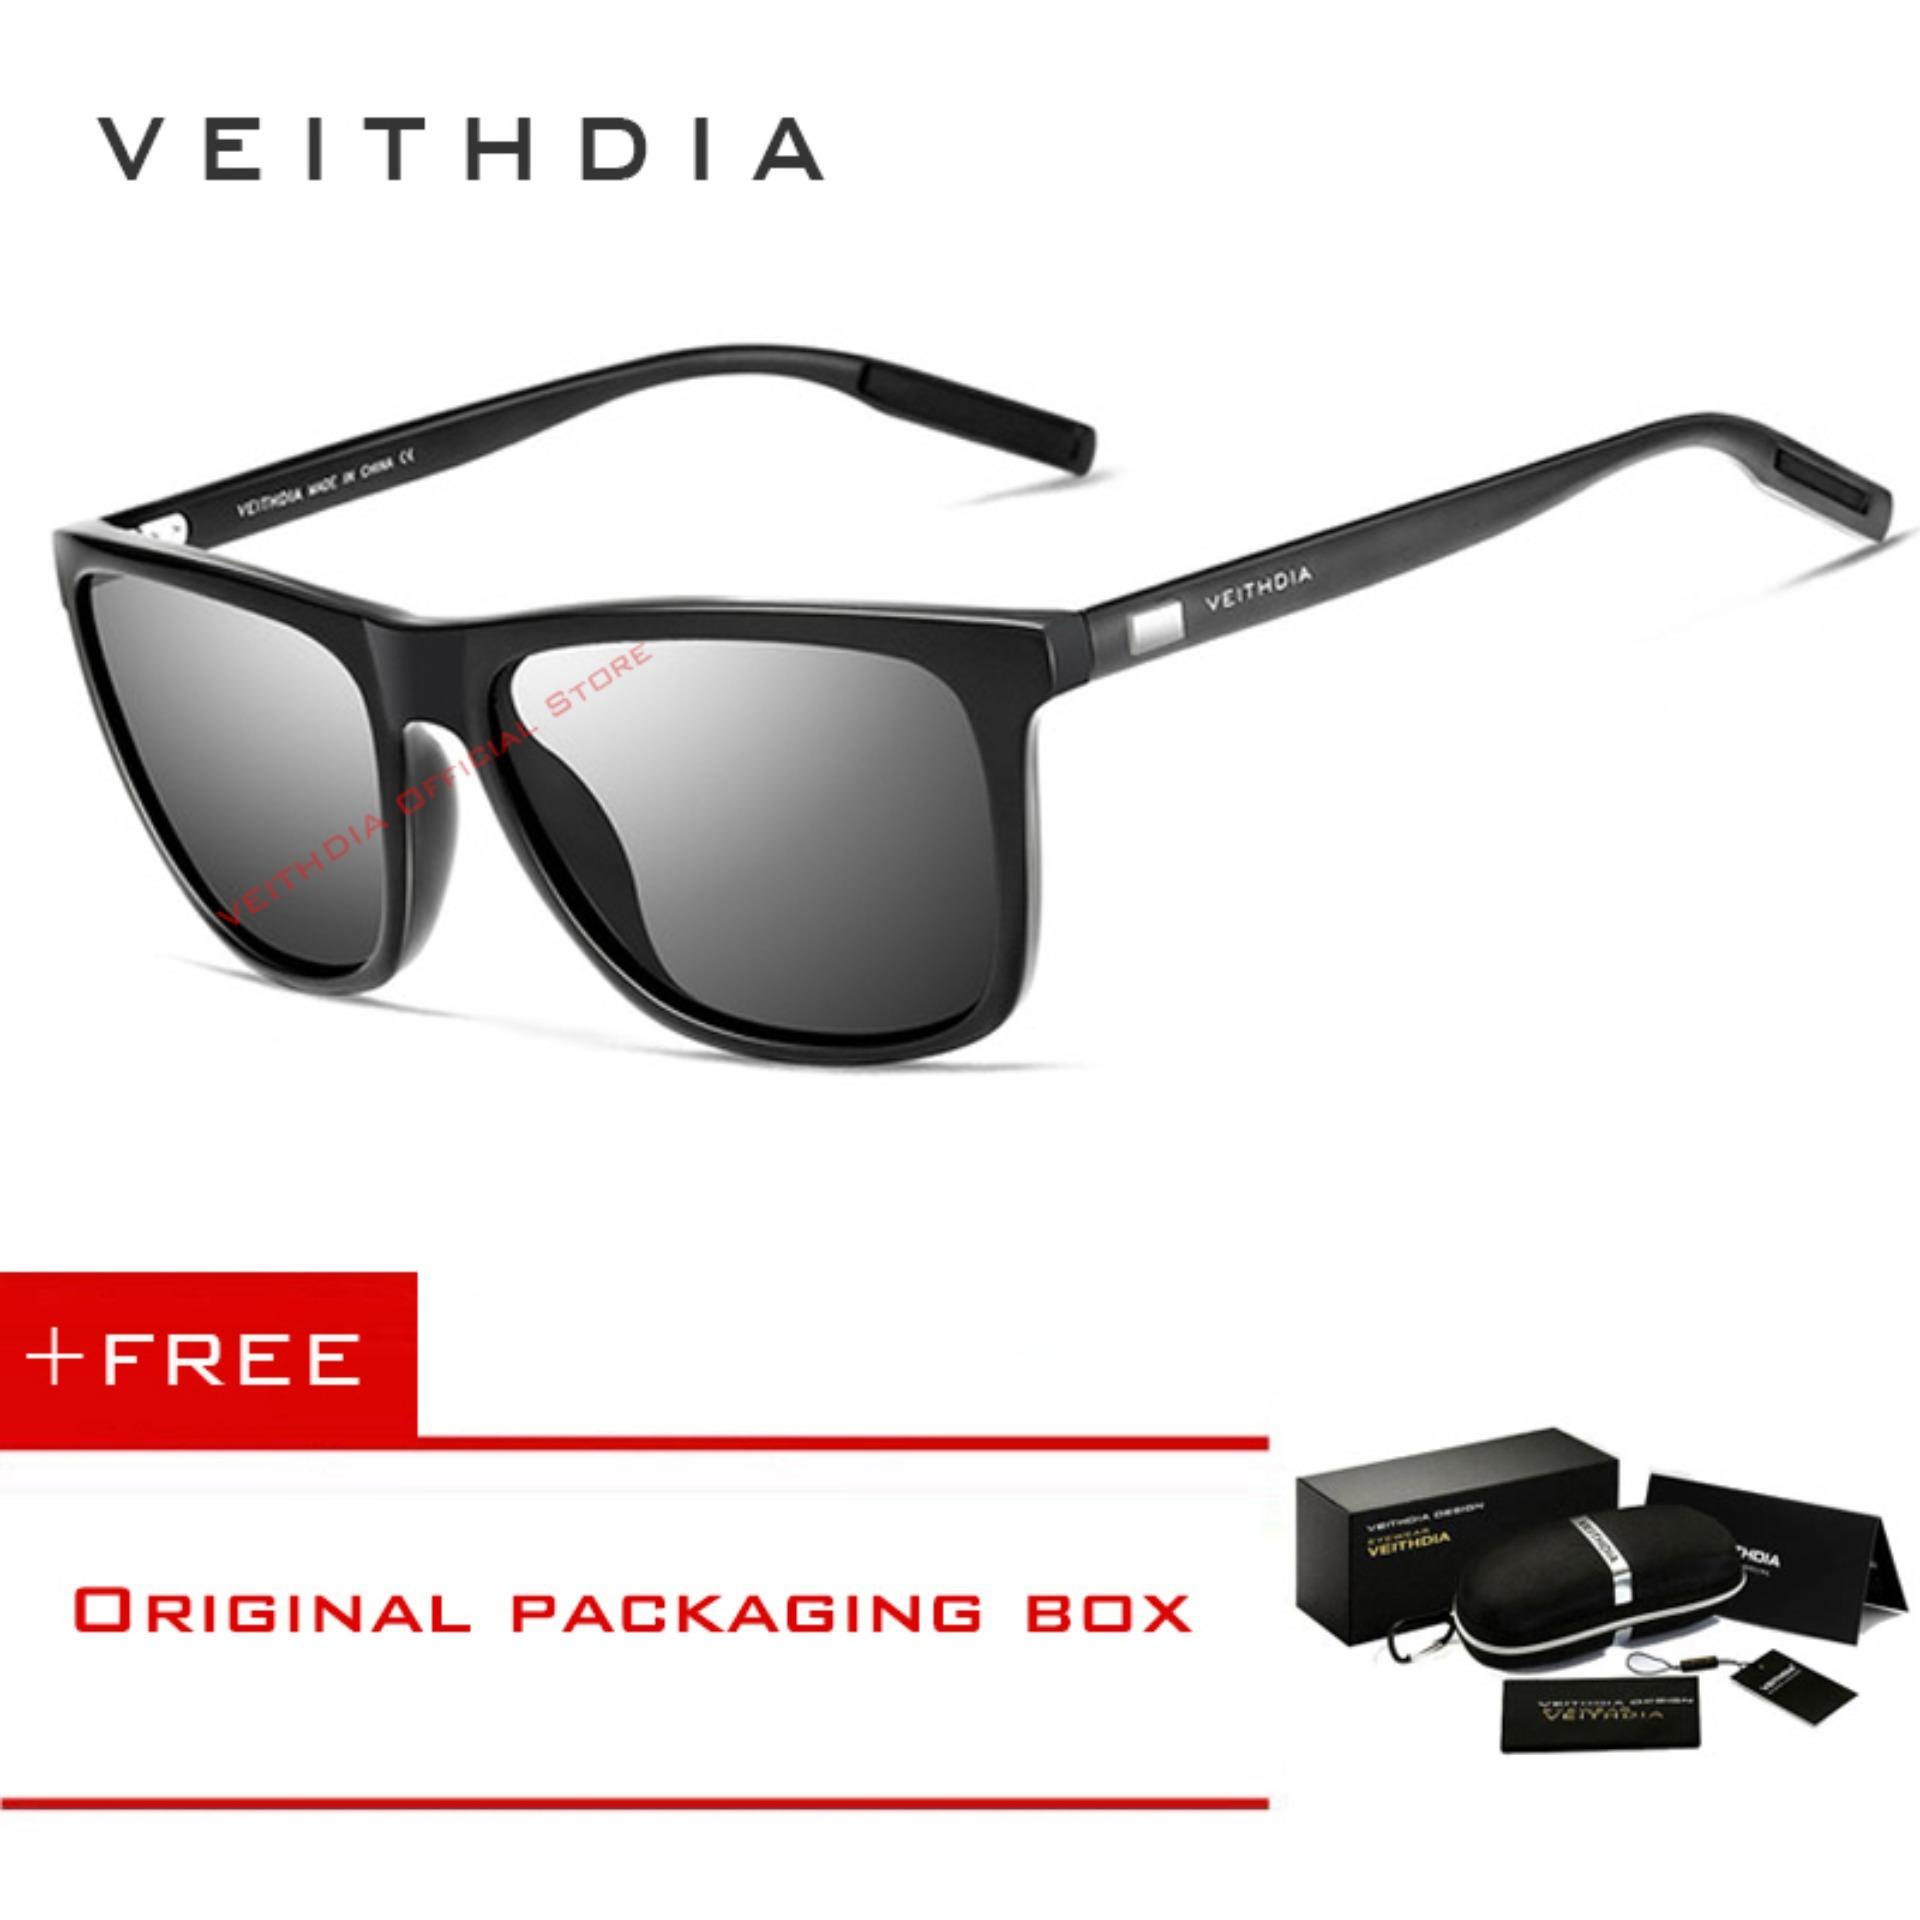 COD+Pengiriman Gratis VEITHDIA Kacamata Hitam TR90 Retro Lensa Polarisasi  Bermerek Untuk Pria Wanita 3595fc9a91